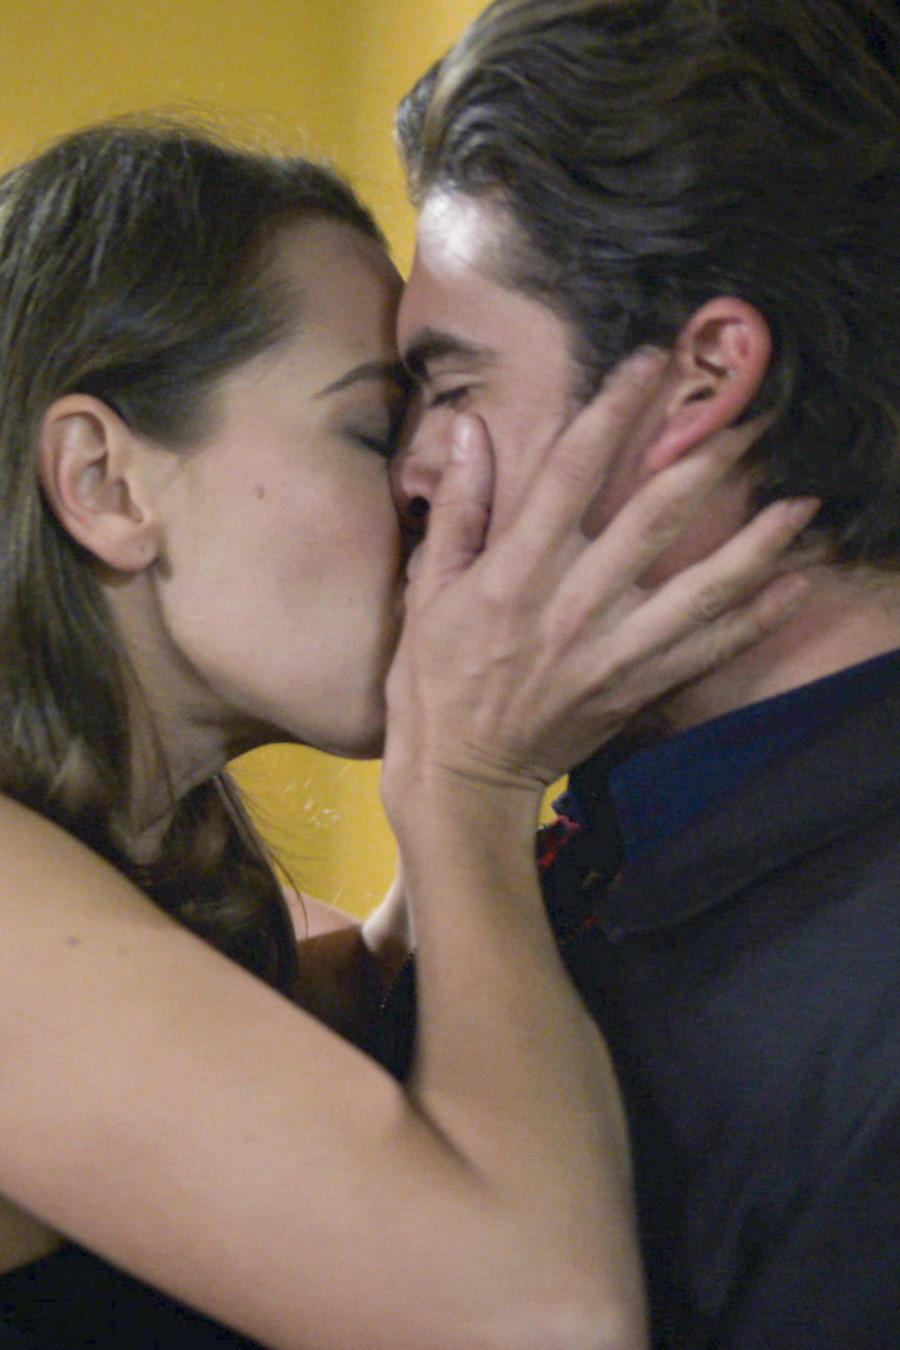 Iván Arana, Ismael Casillas, besando a su cuñada, El Señor de los Cielos